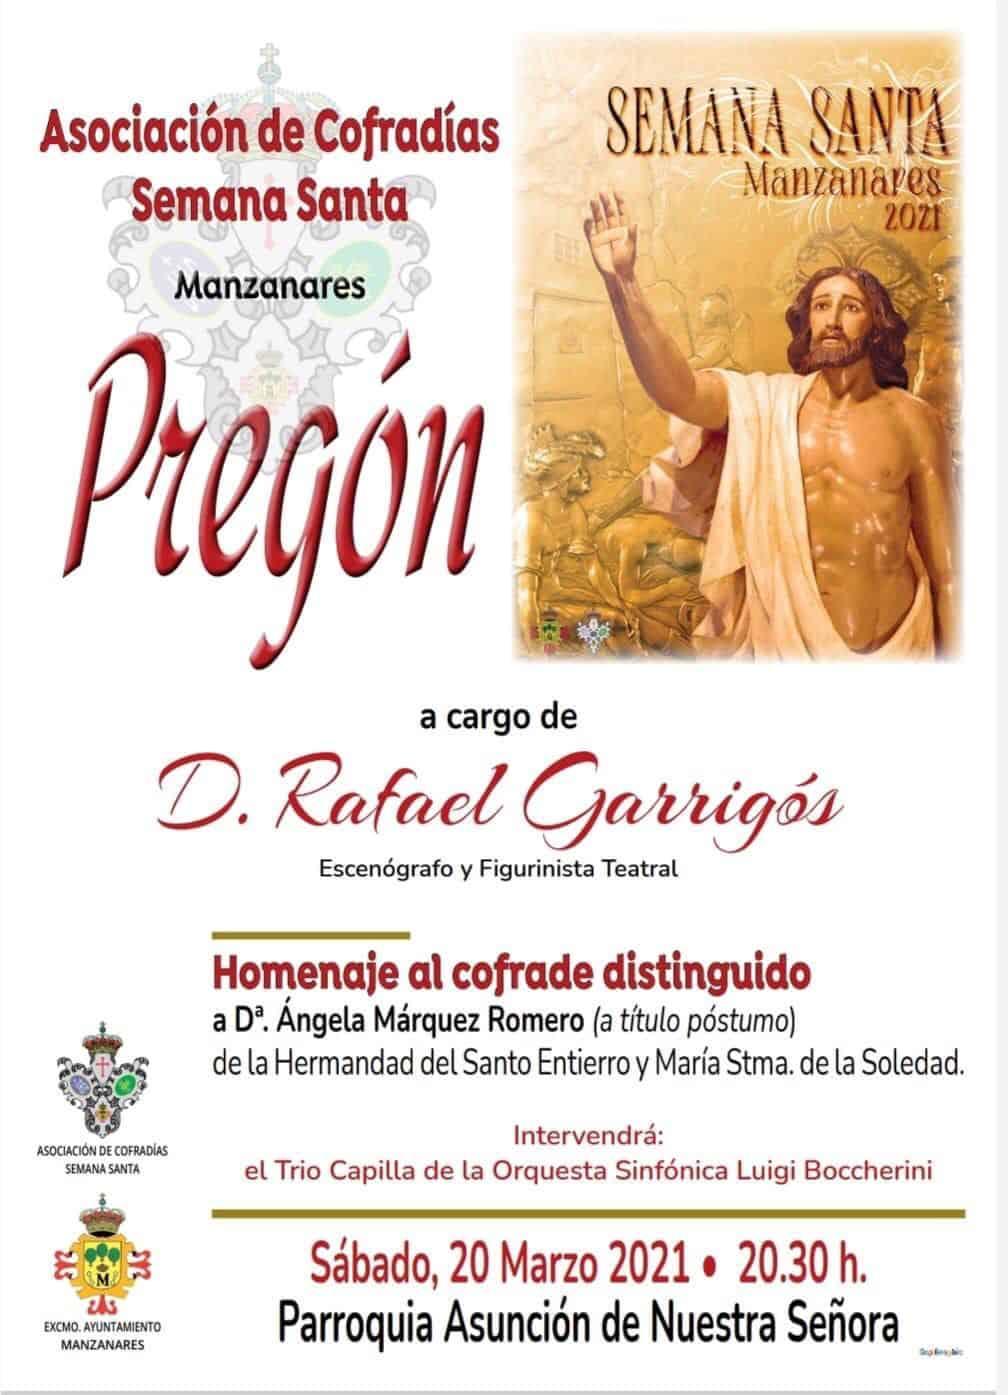 Rafael Garrigós será el pregonero de la Semana Santa de Manzanares 3